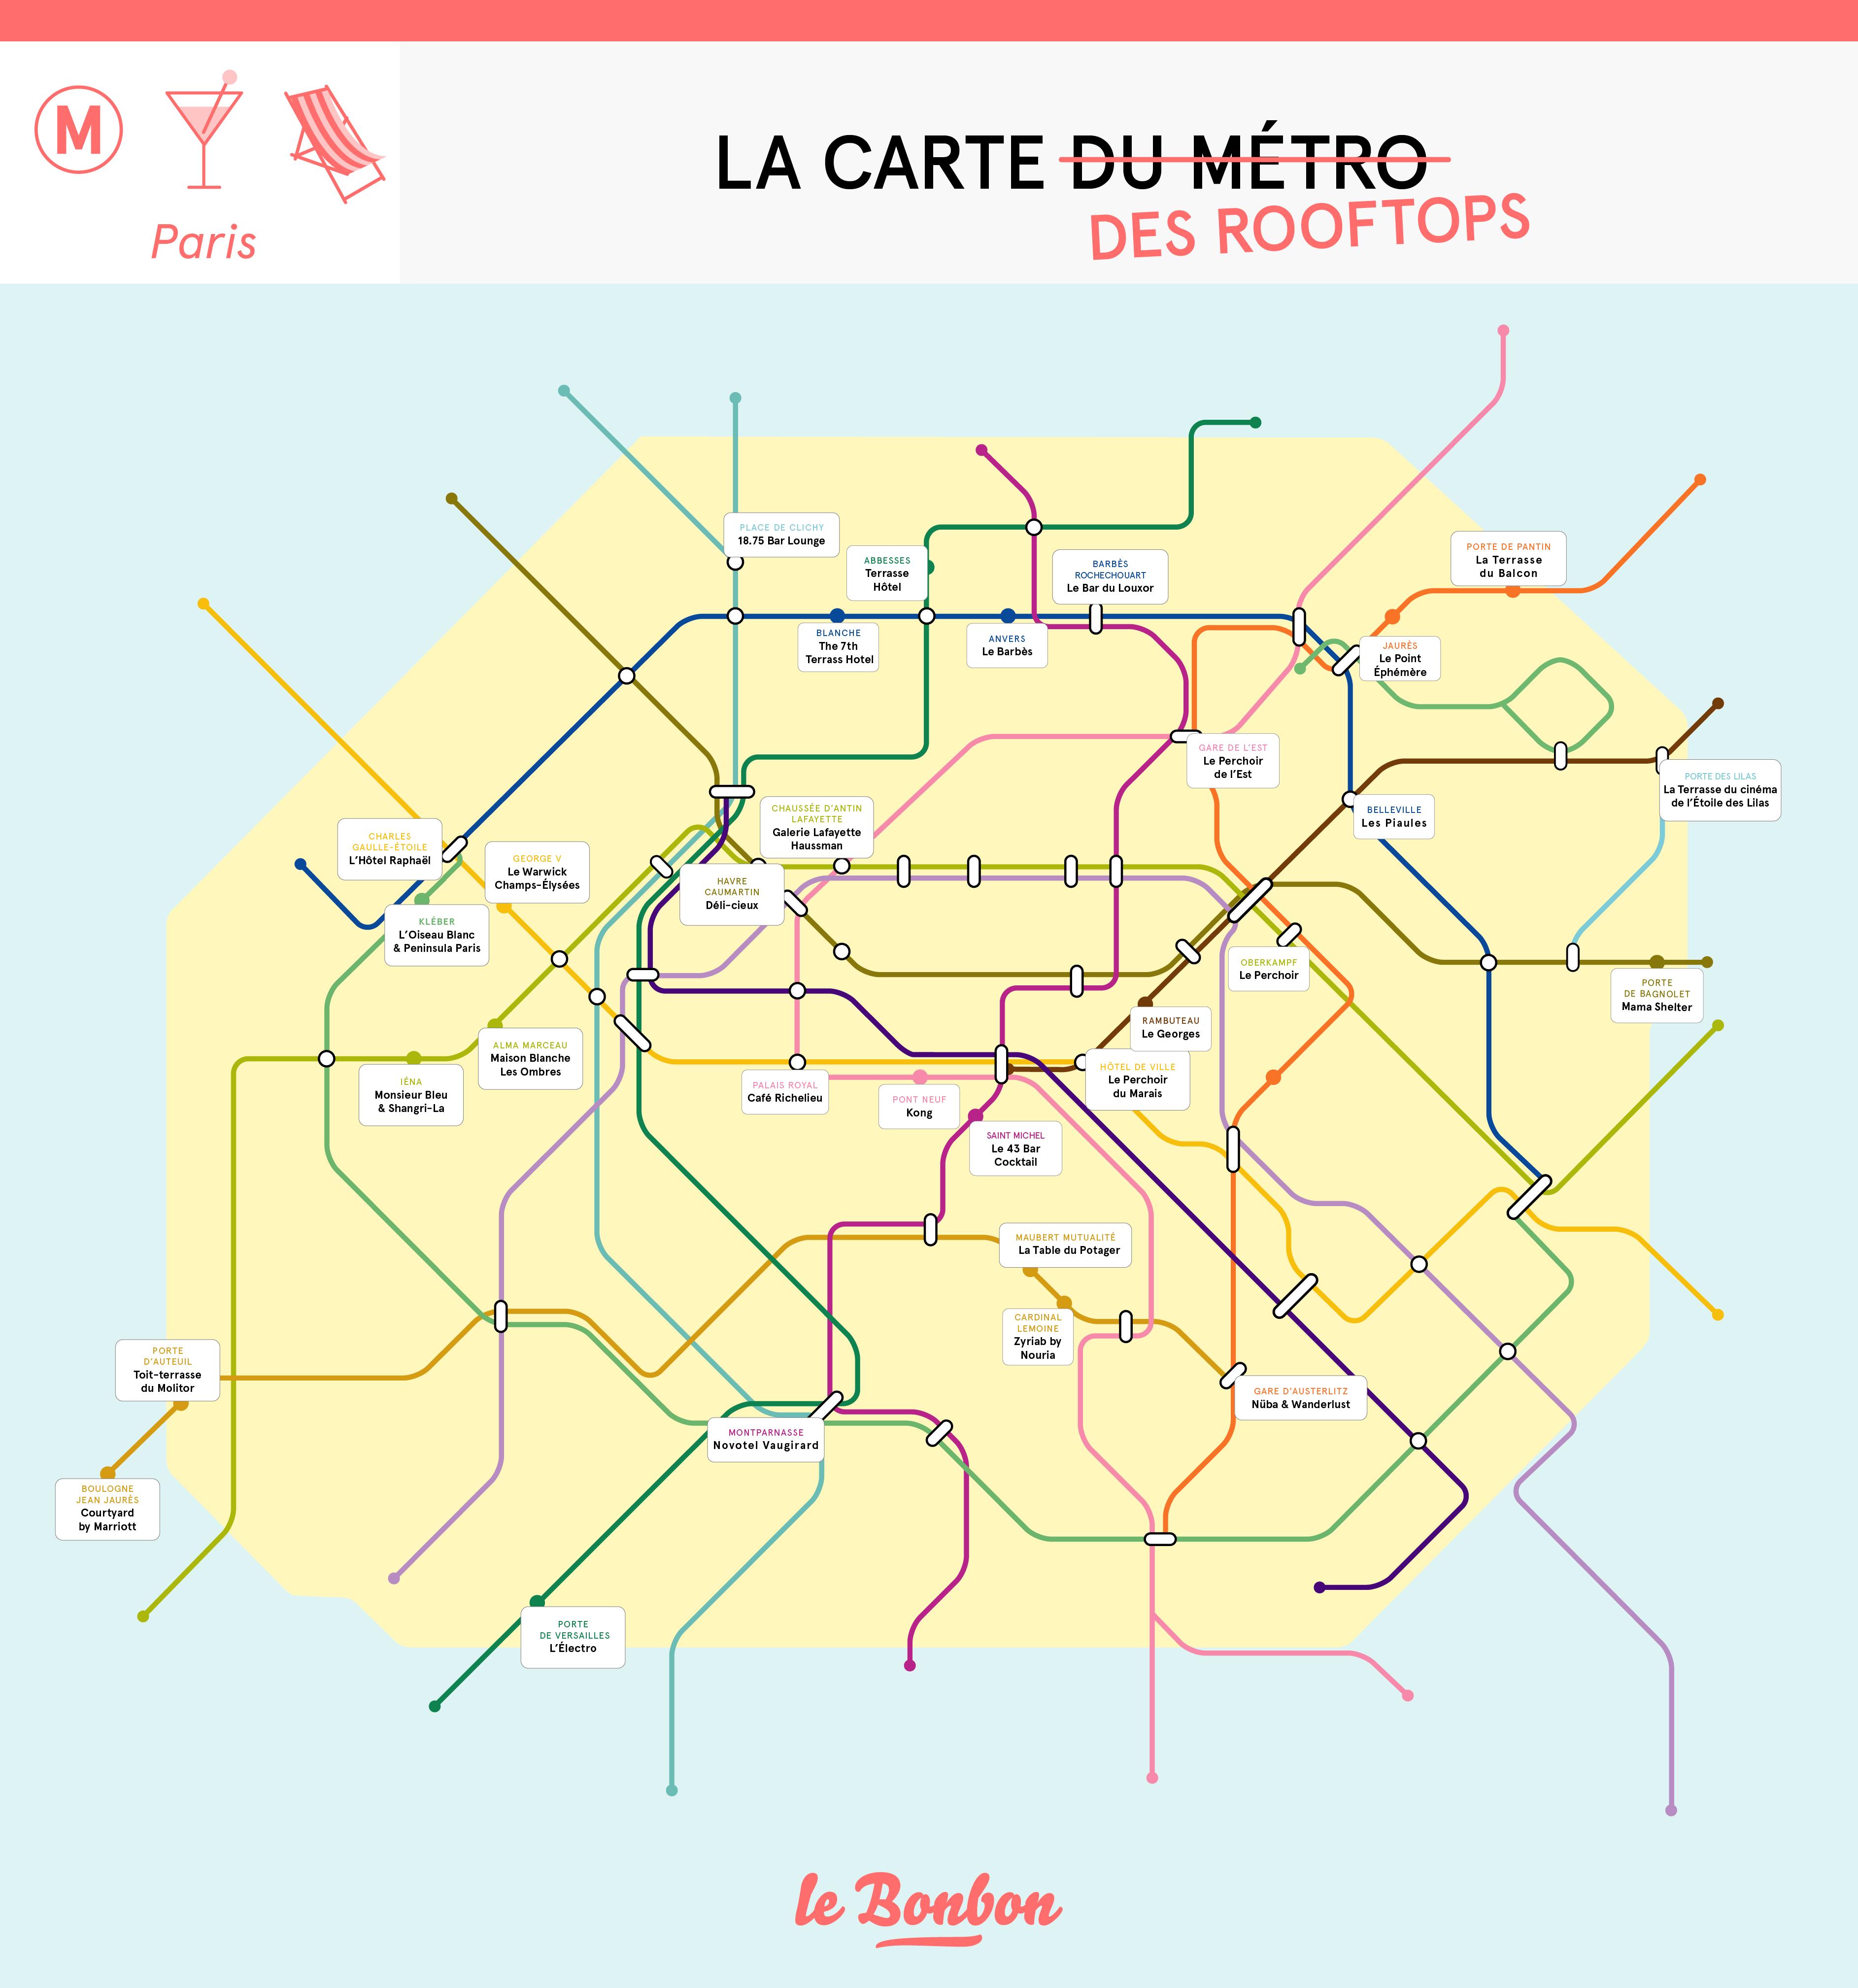 La carte du métro des meilleurs rooftops de Paris | Le Bonbon